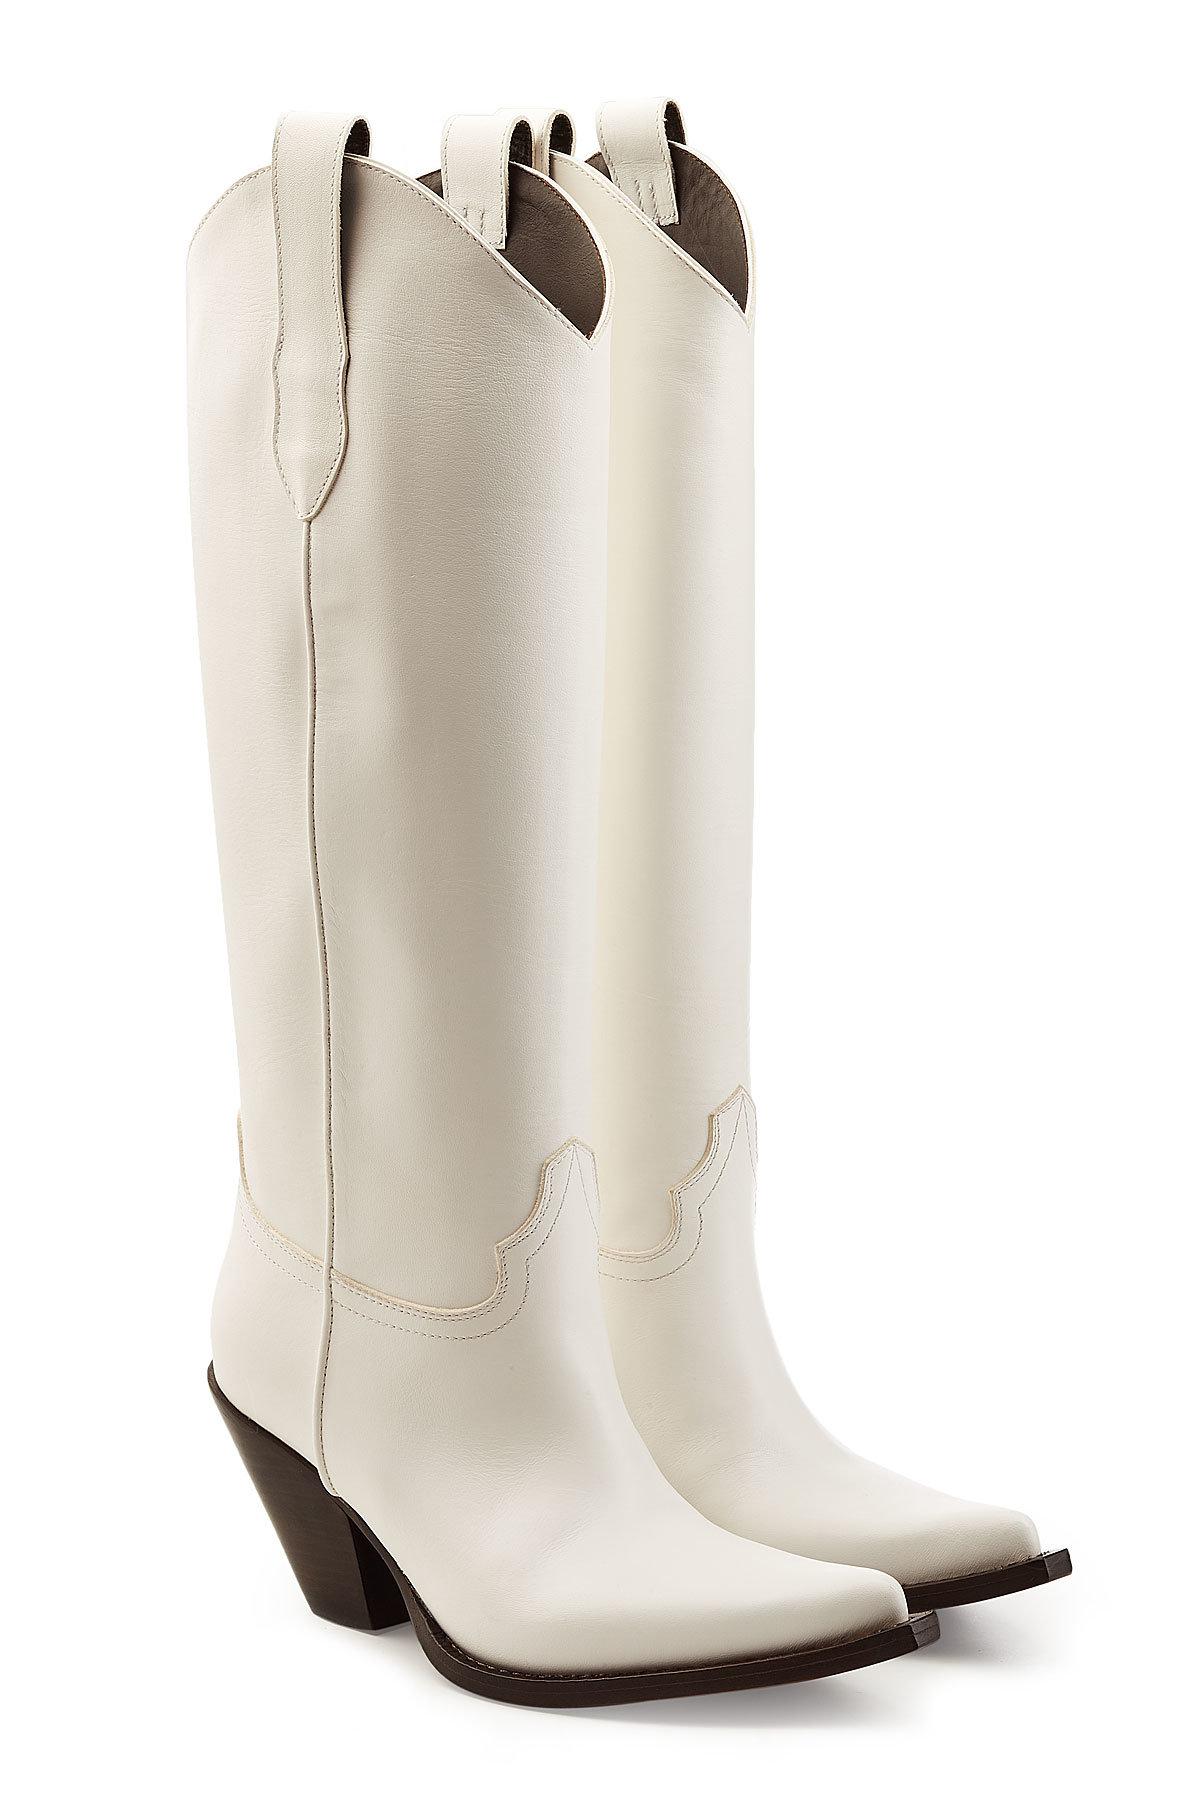 Maison Margiela Show Ankle Metallic Leather Shoe Boots Gr. IT 40 FQpro